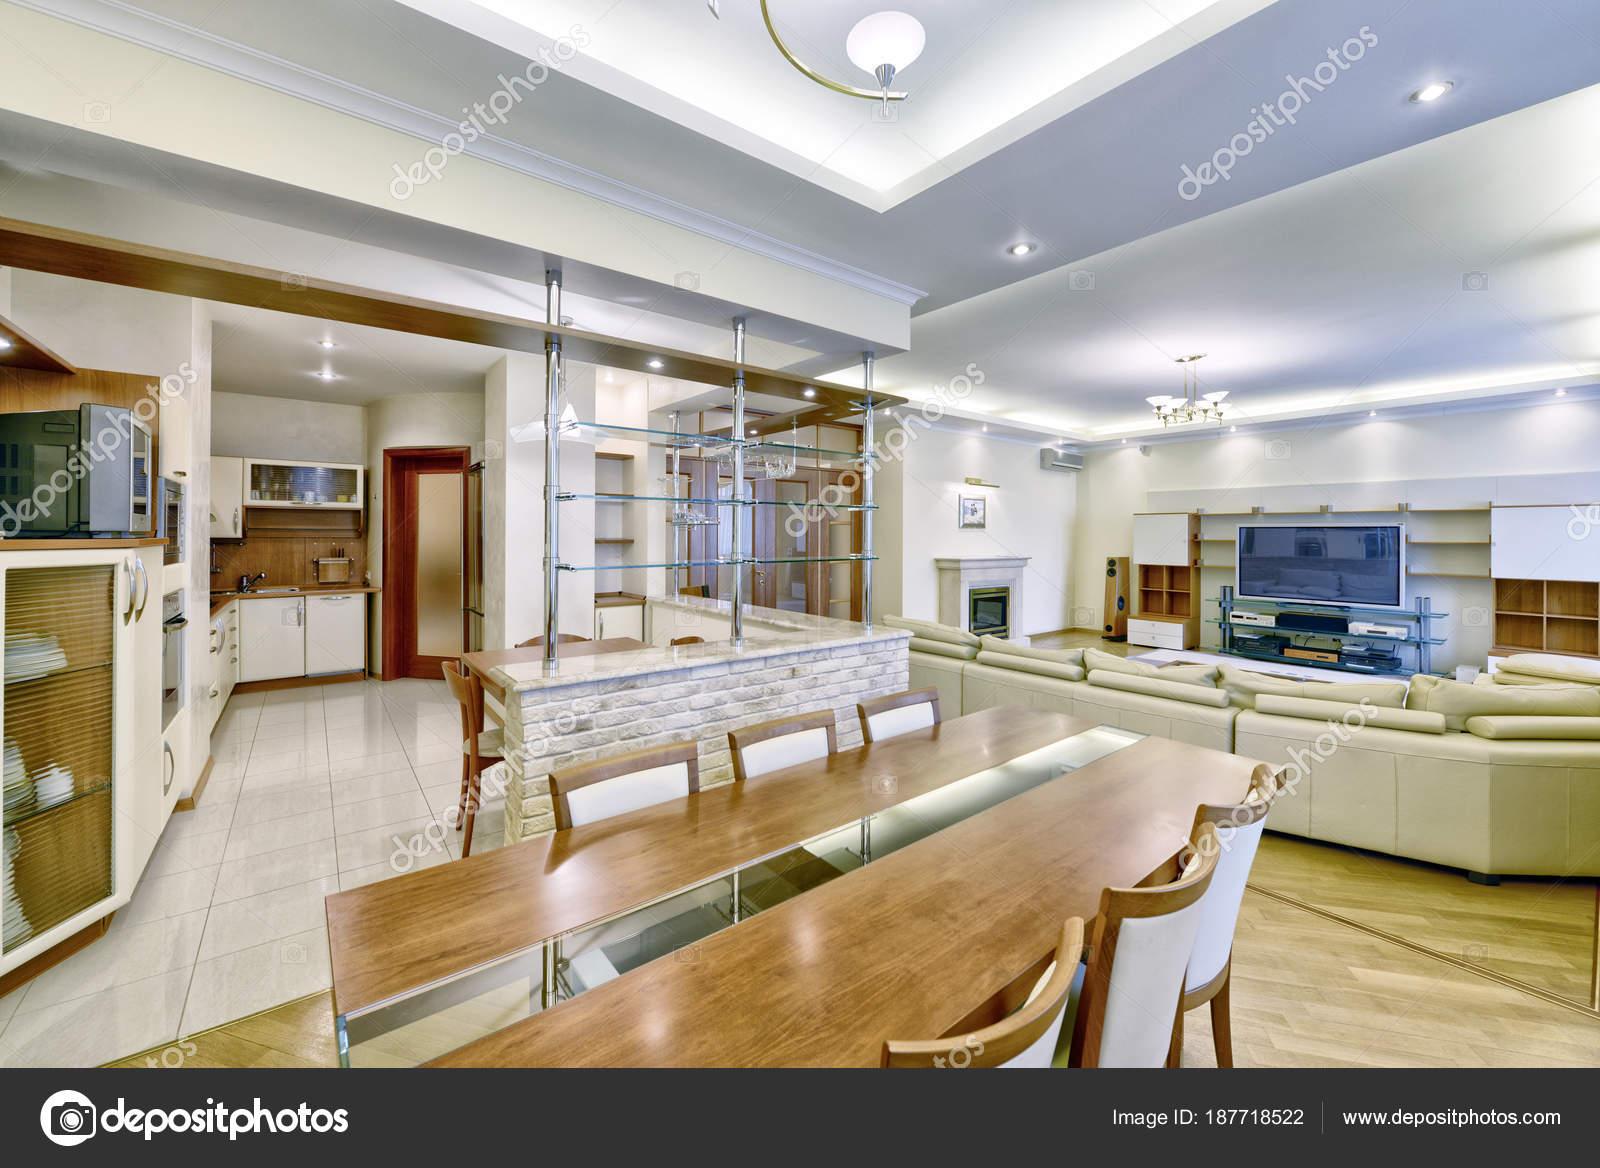 Interni del salotto stile classico una casa moderna foto for Interni casa moderna